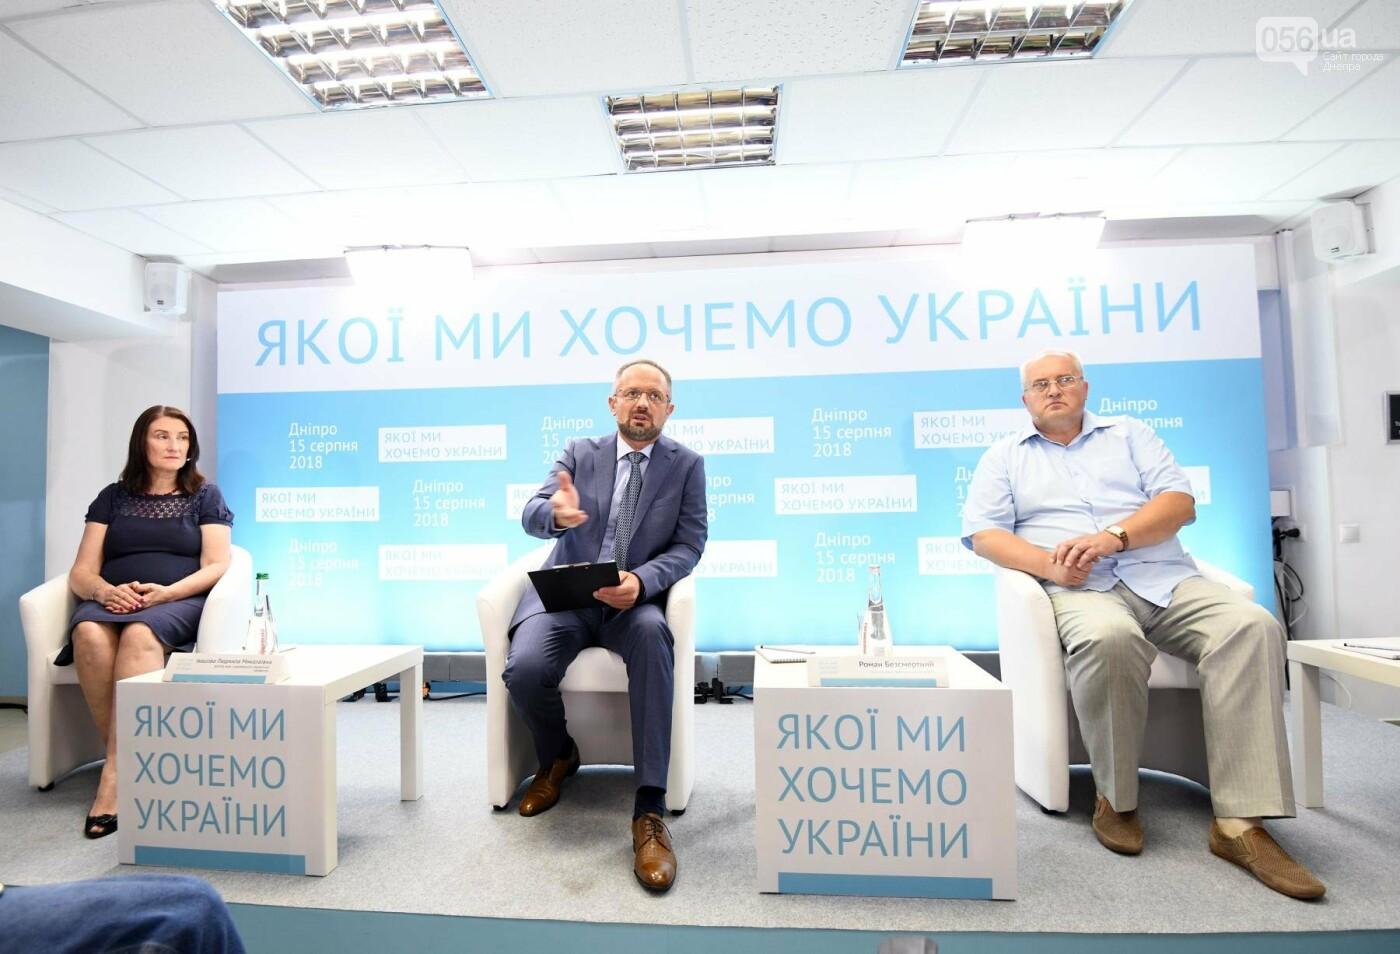 Роман Бессмертный провел встречу в Днепре и рассказал, как нужно возвращать Донбасс, - ФОТО, фото-3